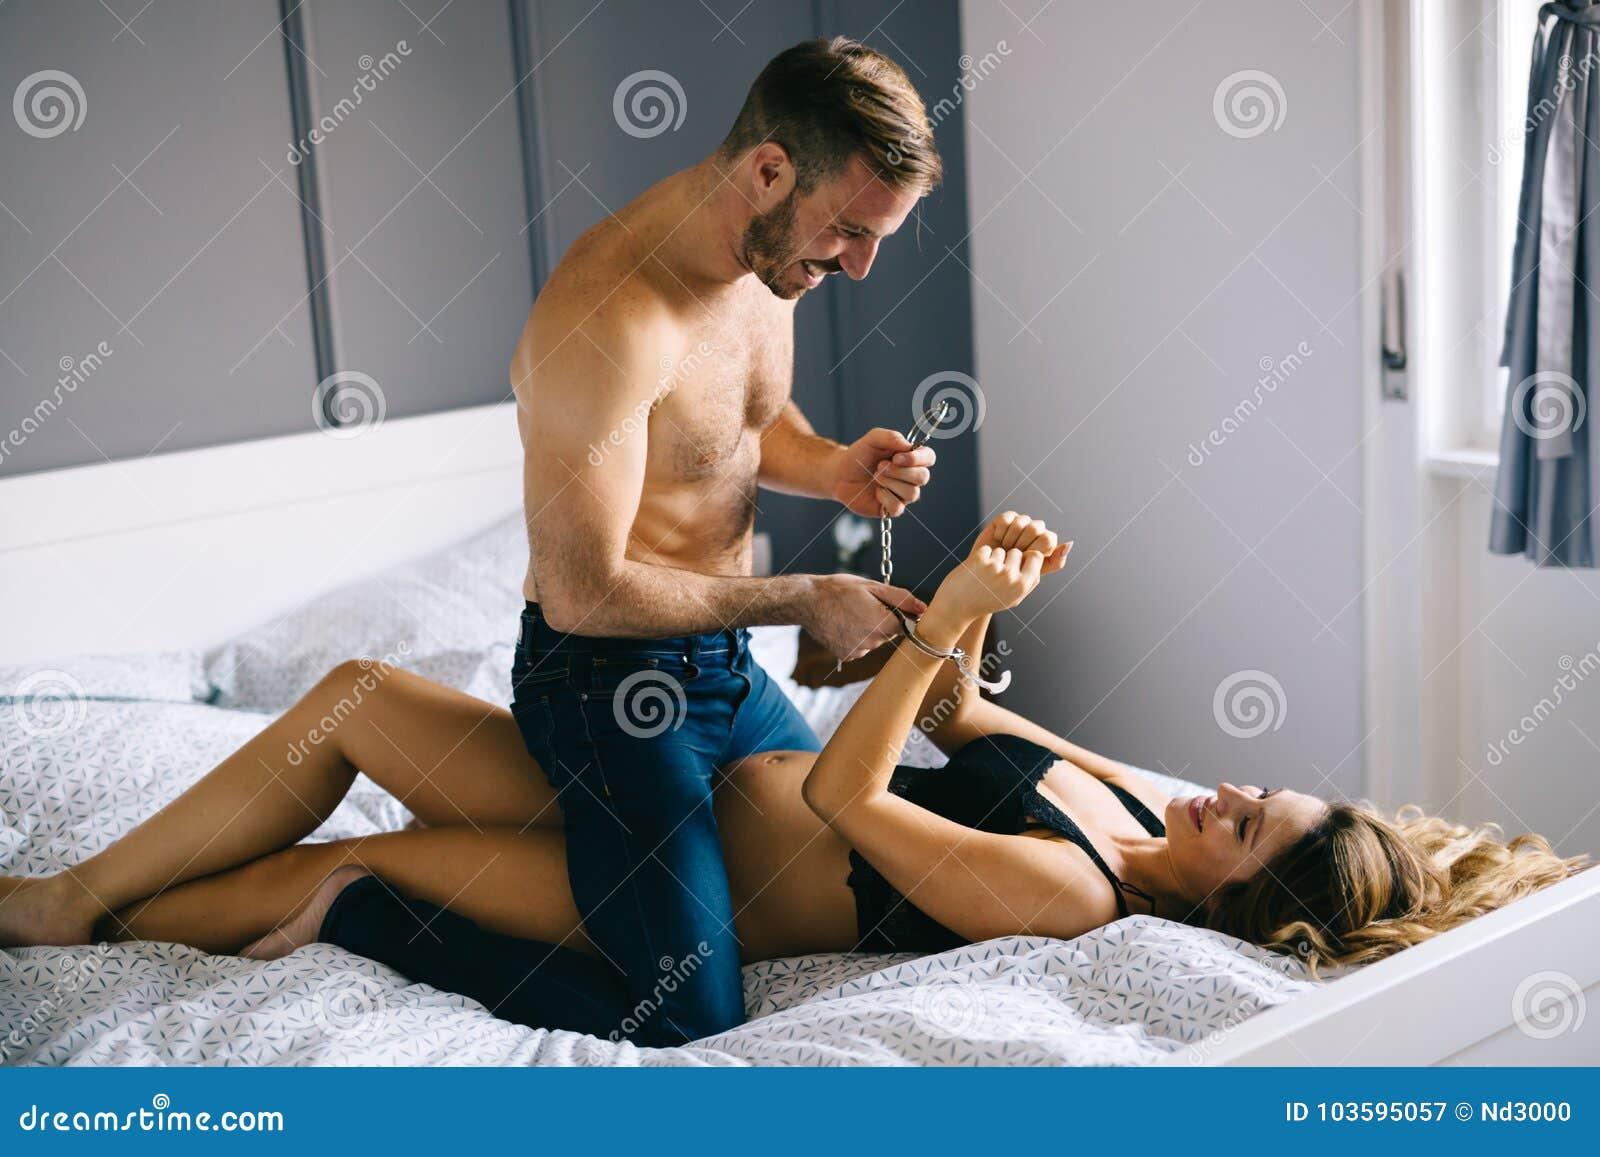 Как я стала доминировать в постели, эротический массаж индивидуалки на курской